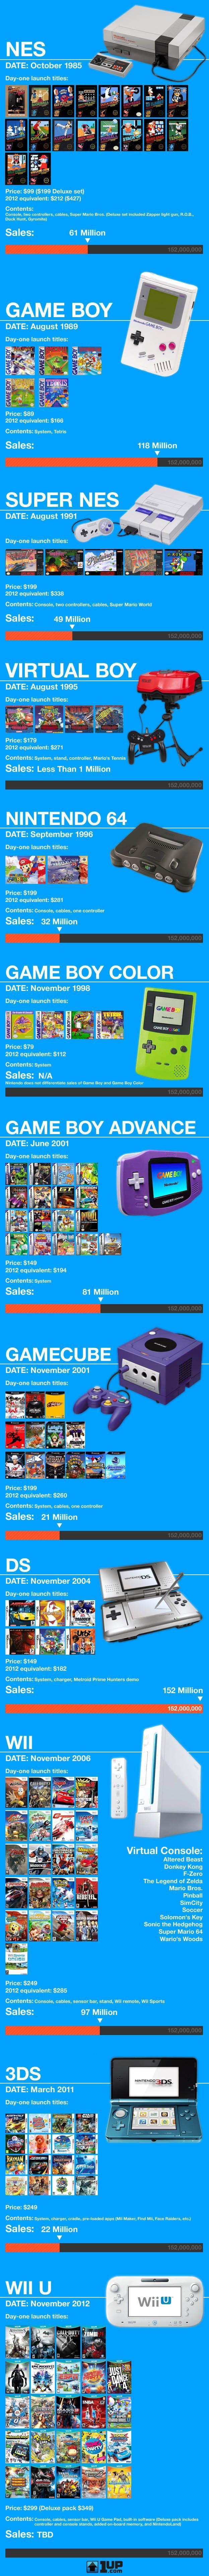 De la NES à la Wii U, toutes les consoles de Nintendo en une image